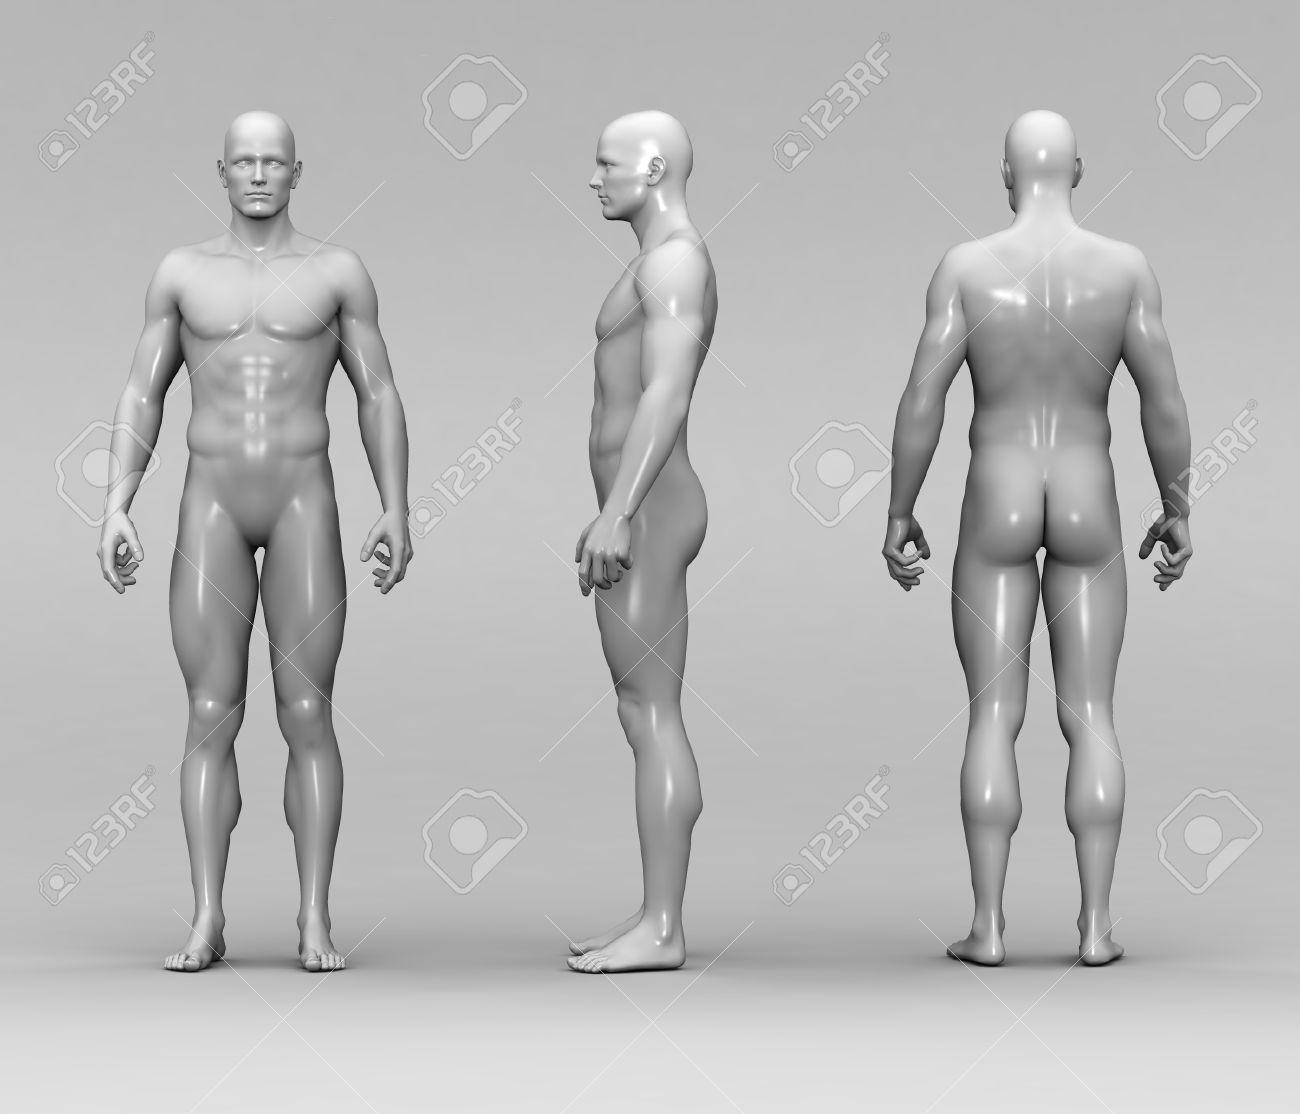 Atlético Anatomía Humana Masculina Fotos, Retratos, Imágenes Y ...